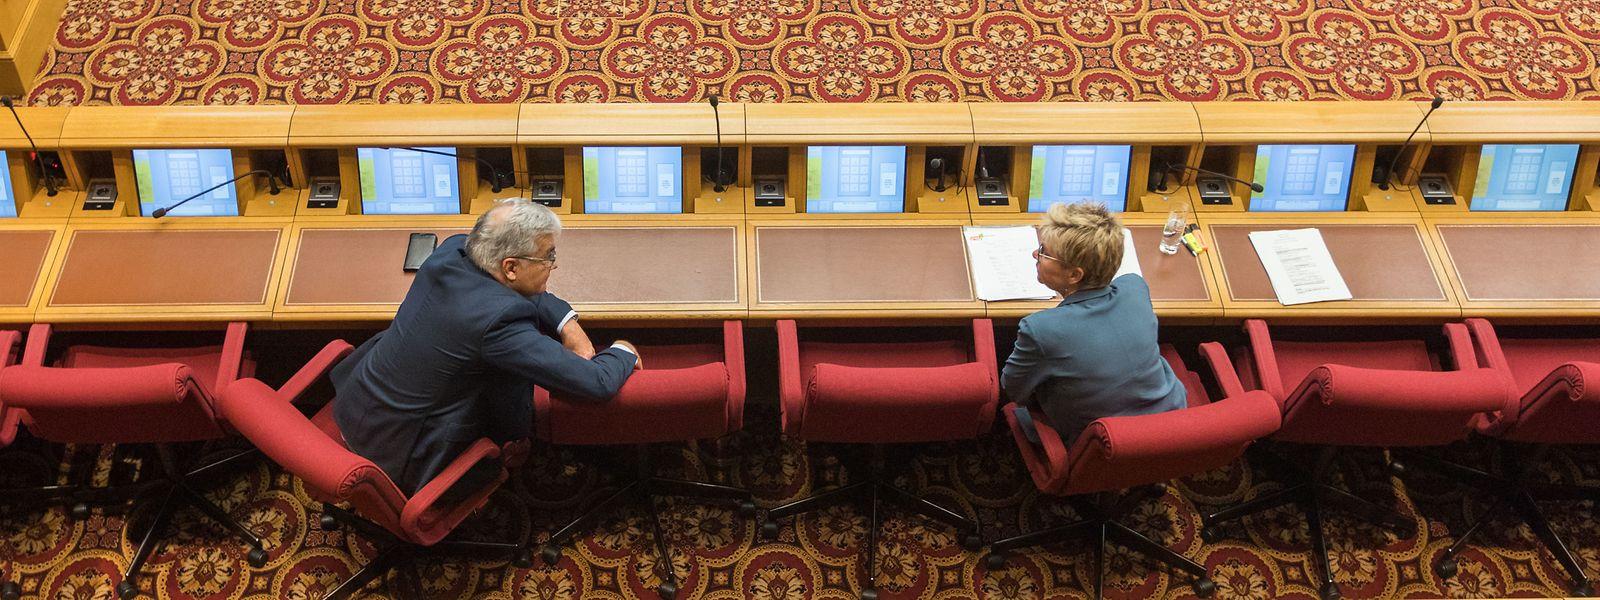 Die Abgeordneten gehen auf Distanz: Als Premier Bettel und Gesundheitsministerin Lenert am Dienstag die neusten Maßnahmen ankündigten, blieben zwischen jedem Volksvertreter zwei Sitze frei.